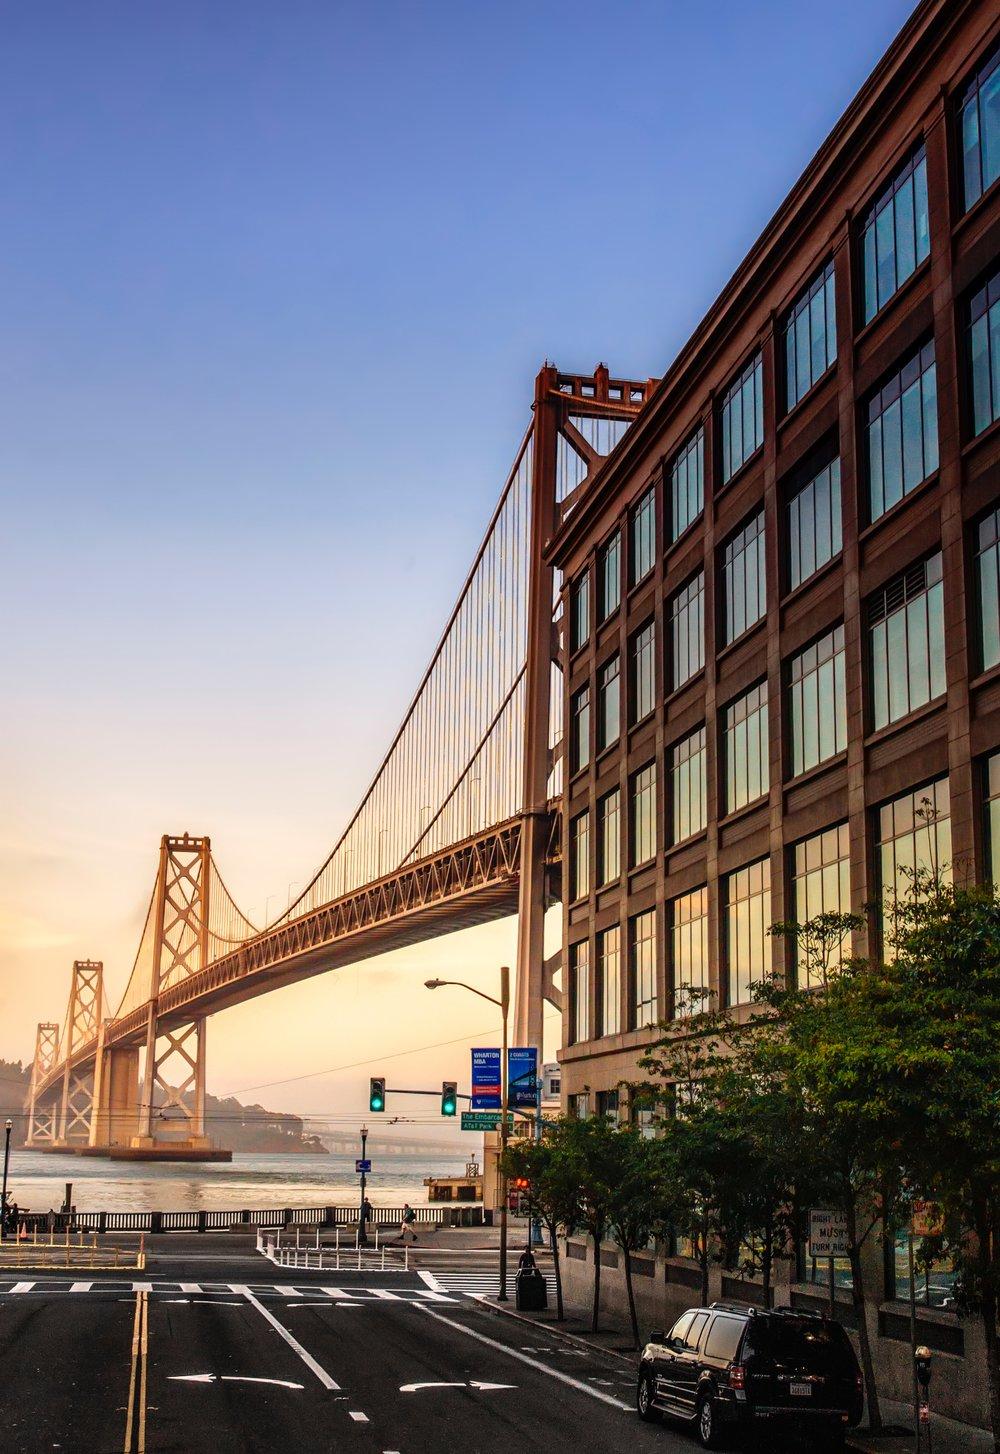 architecture-bridge-building-612949.jpg